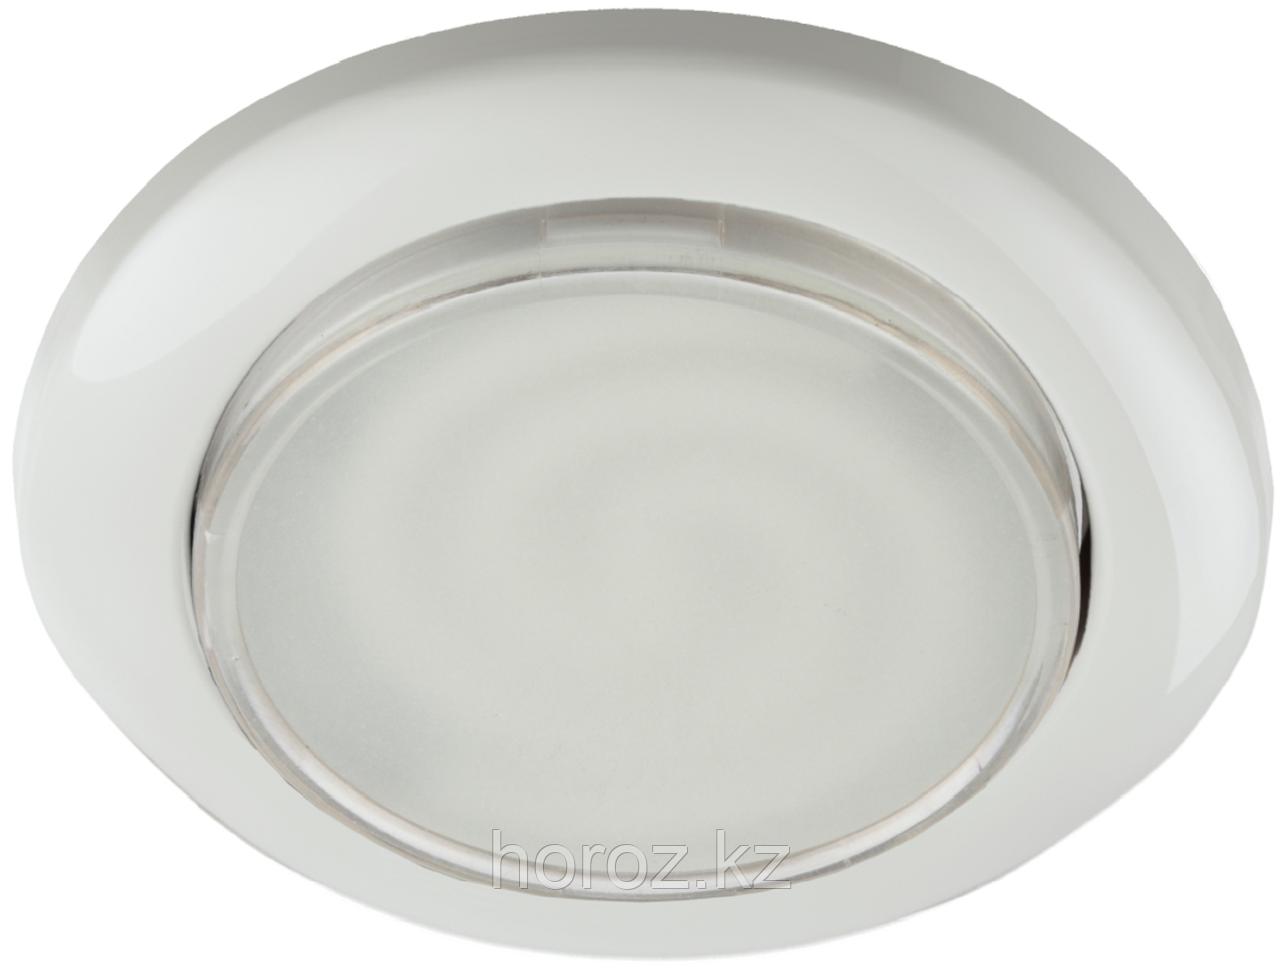 Точечный светильник под лампу GX53 белый